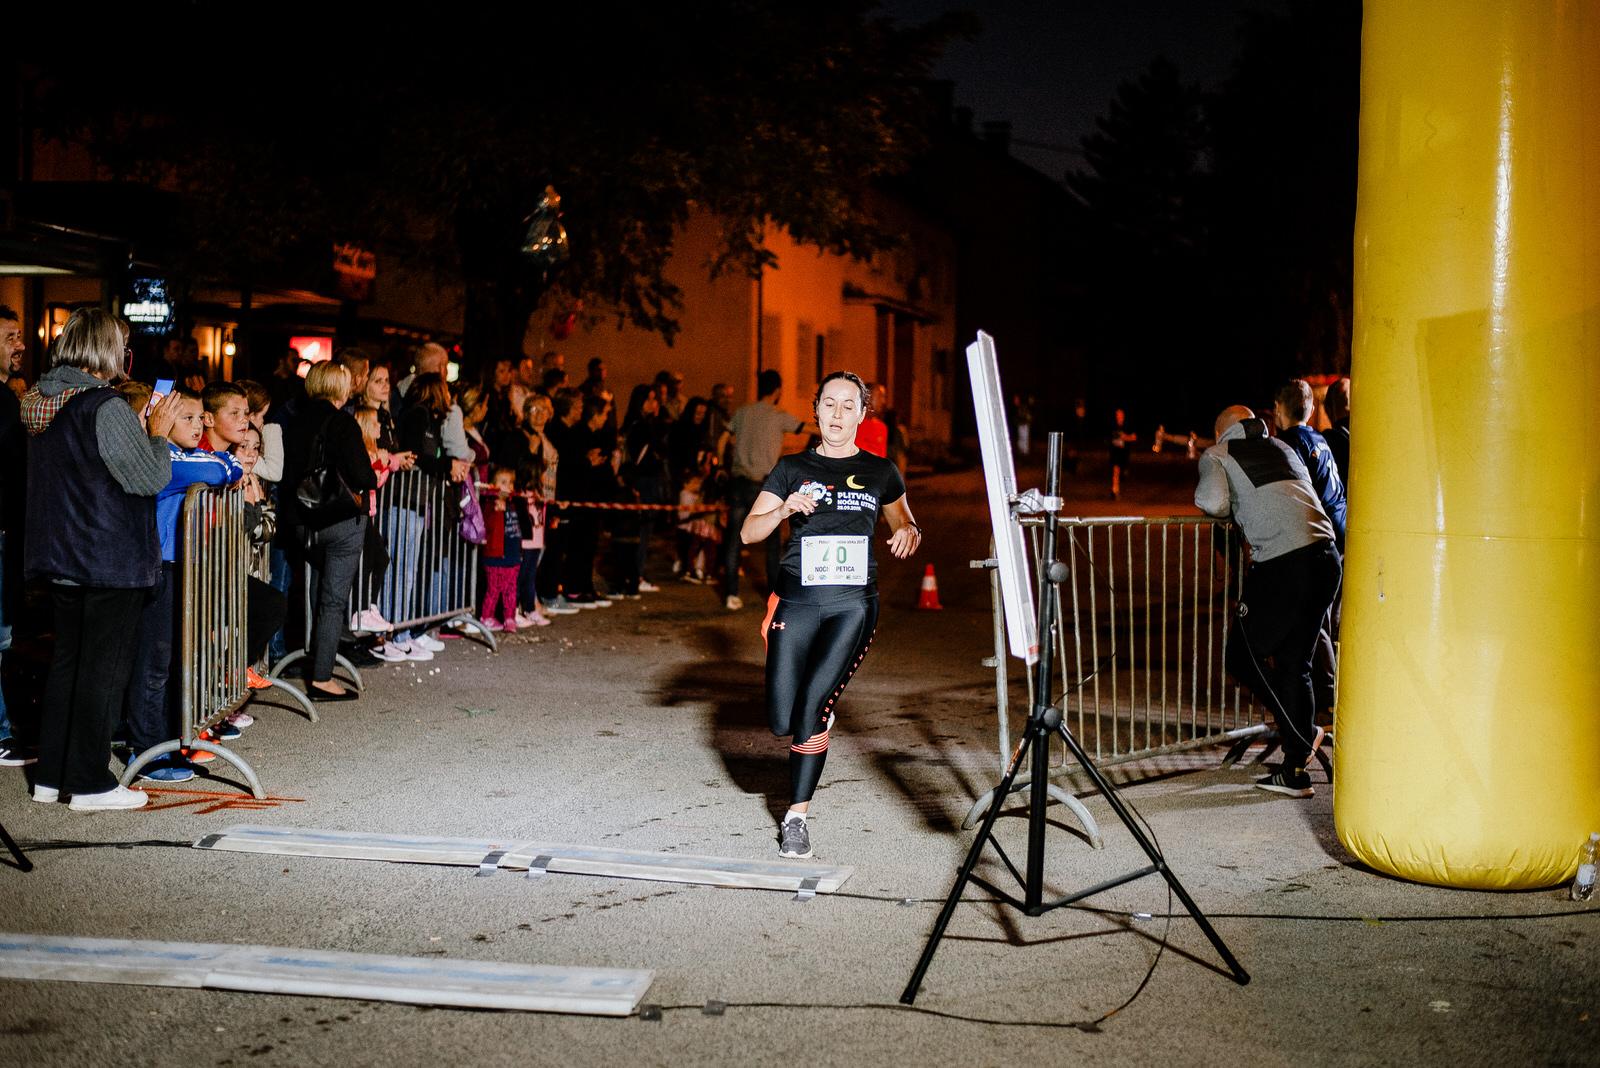 likaclub_korenica_noćna-utrka-2019-45